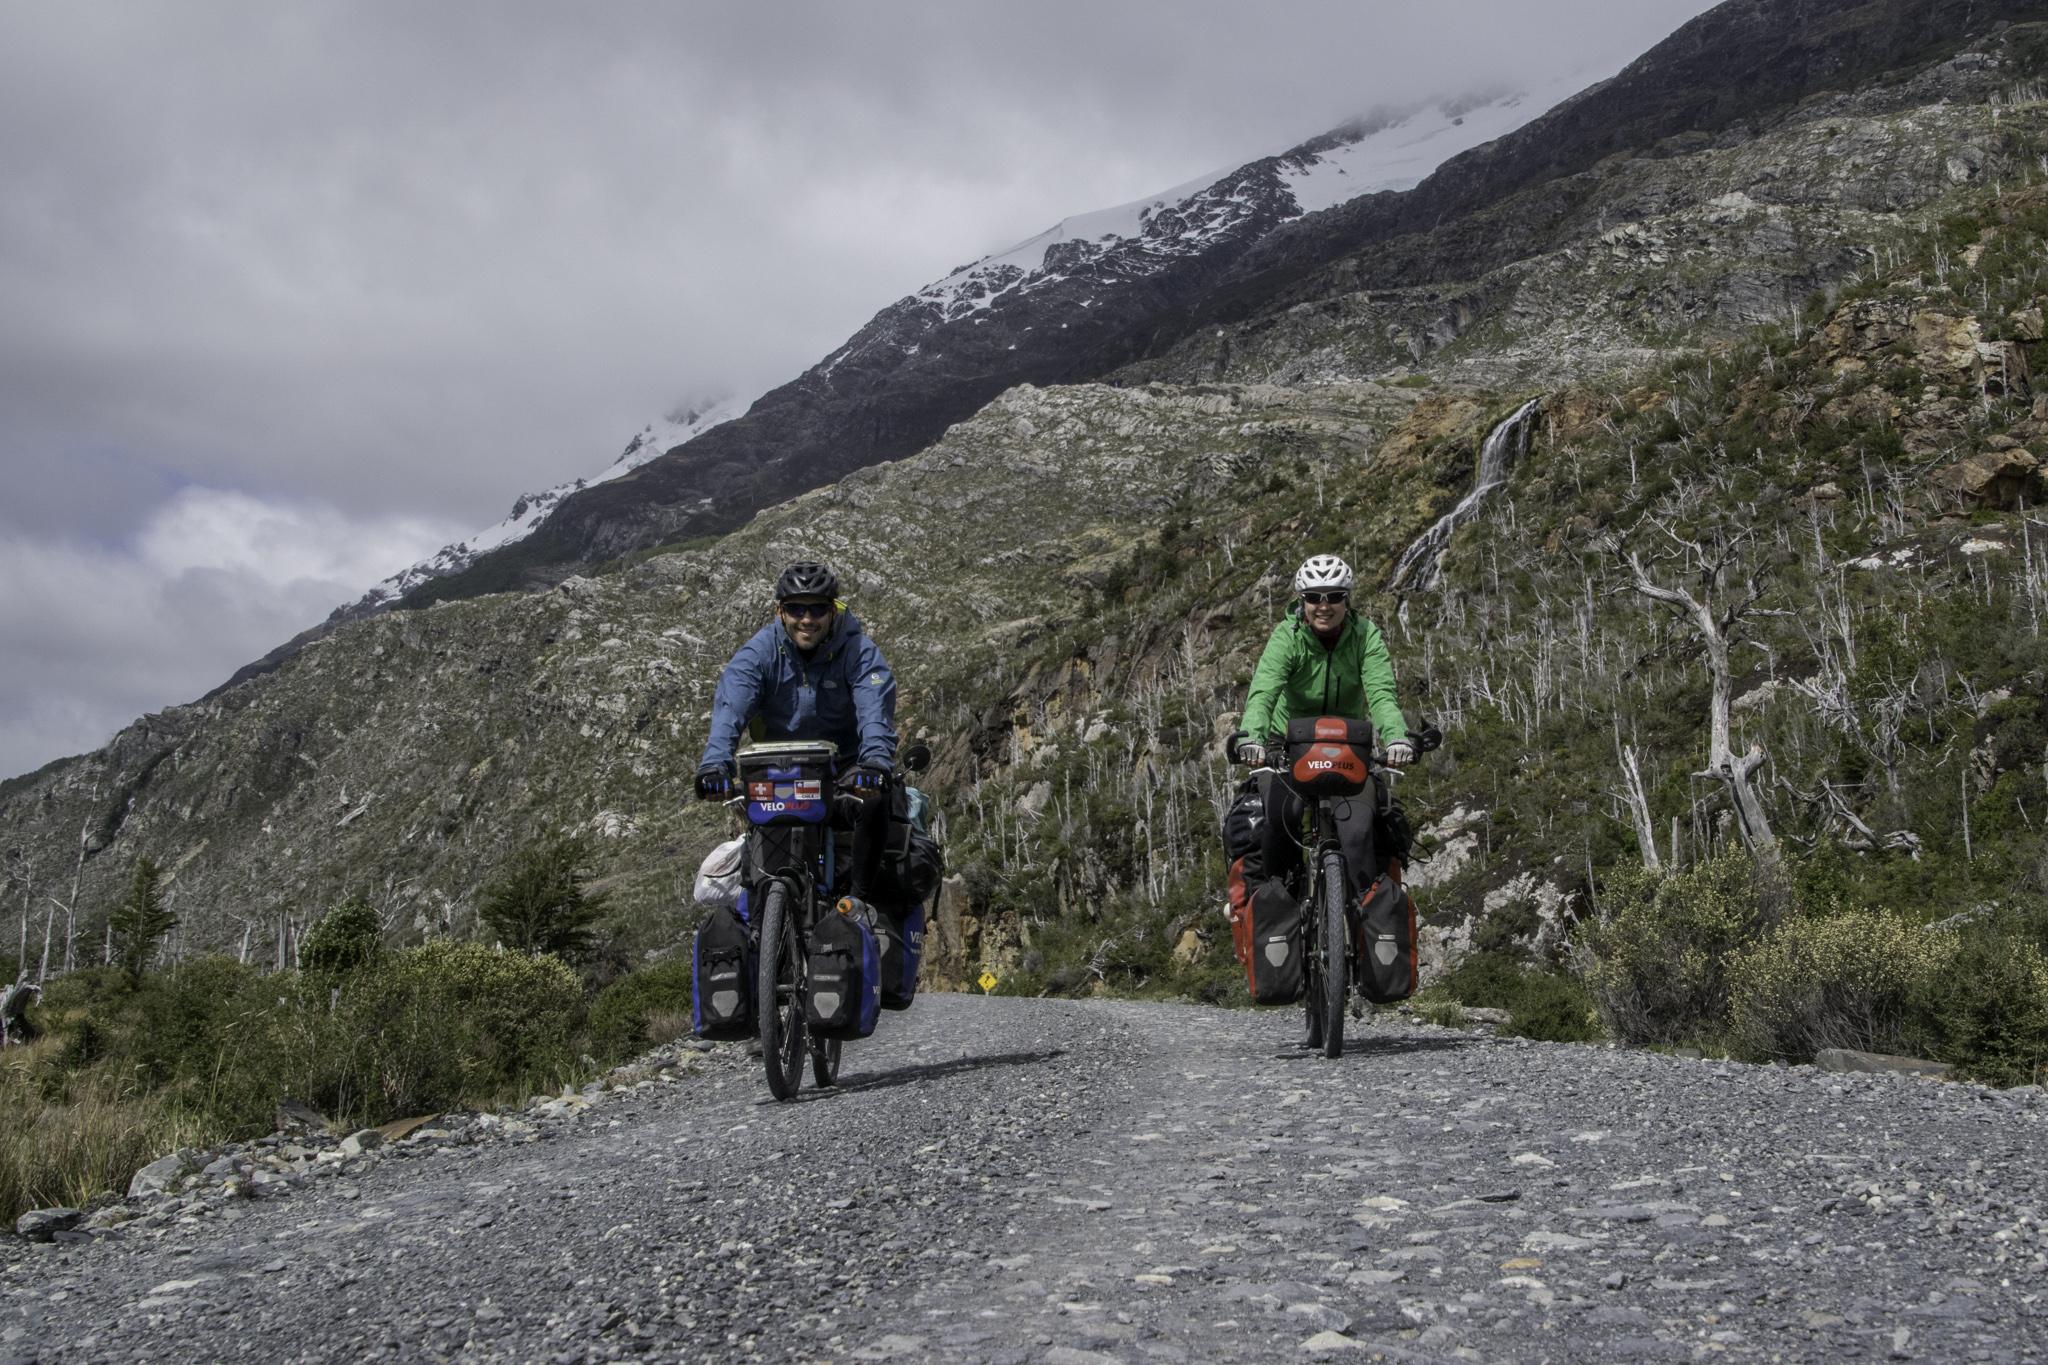 Die letzten Kilometer auf der Carretera Austral